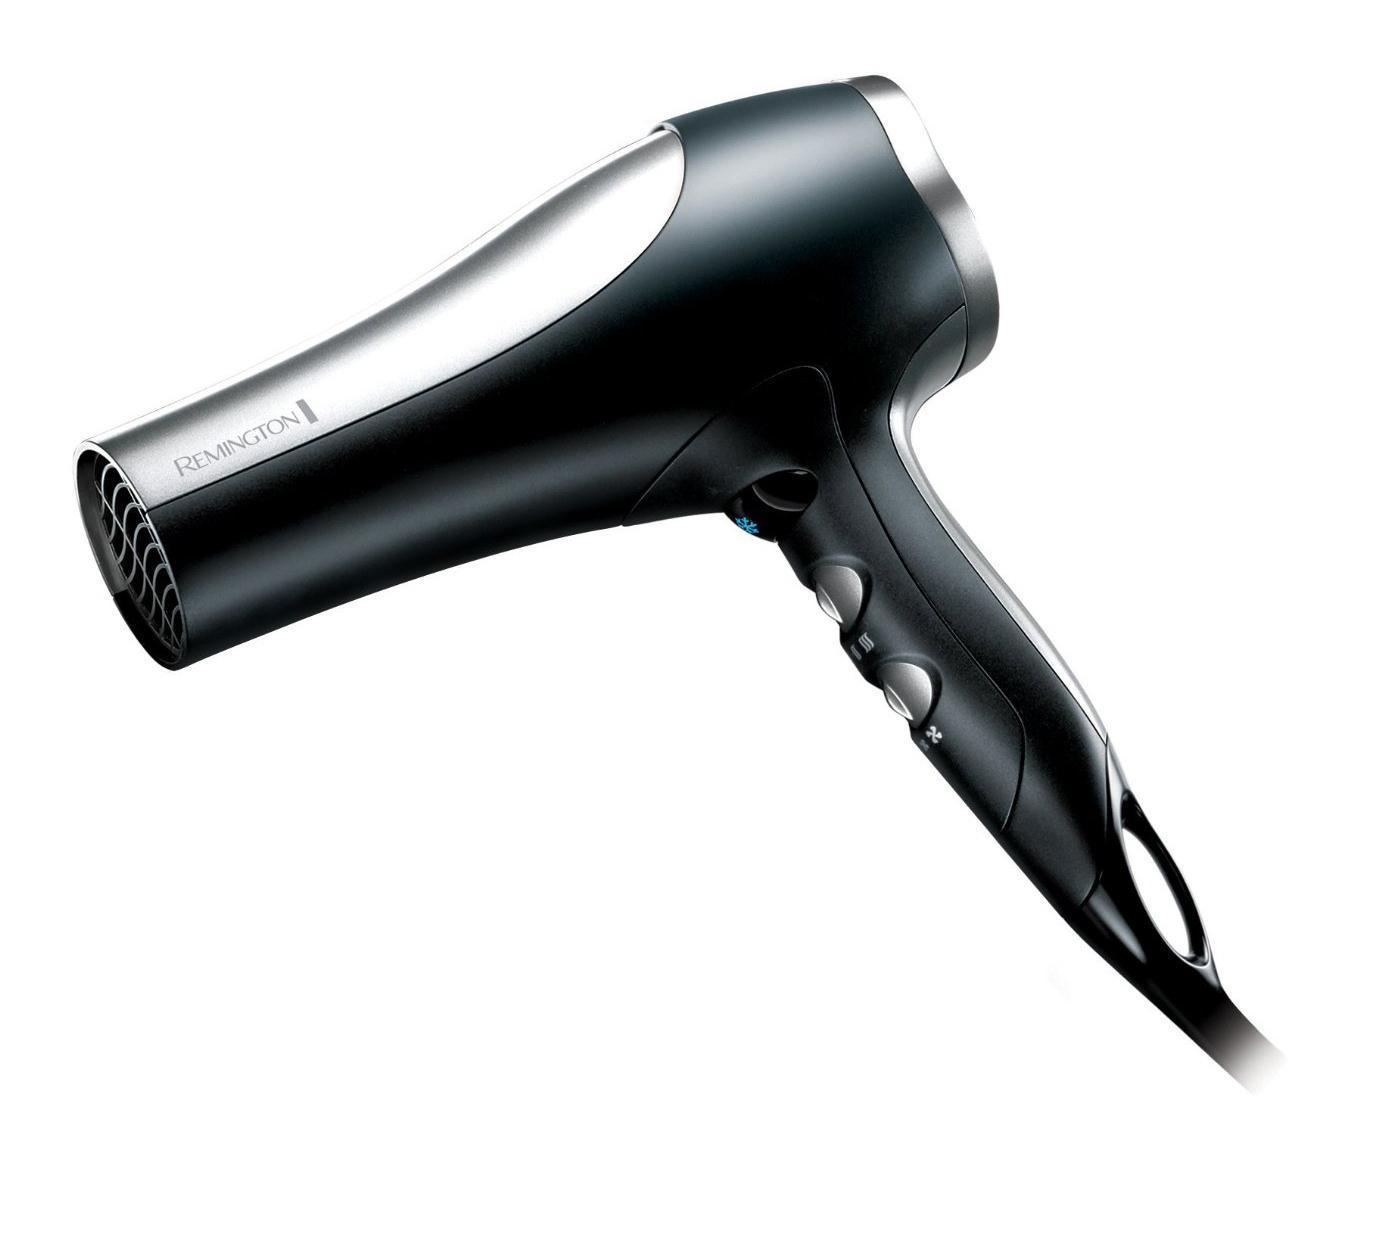 Remington D5017 Pro 2100 фенD5017Remington D5017 может по праву сравниваться с профессиональными моделями. Невероятно мощный - 2100 Вт, что позволяет развивать высокую скорость воздушного потока, тем самым ускорять процесс сушки. Это значит, что волосы принимают желаемую форму именно в результате намеренного воздействия феном, а не высыхают естественным путем, в произвольной форме. Удобным дополнением является возможность регулировать температуру и скорость водушного потока. Благодаря комфортной регулировке температуры и мощности этот фен подойдет для любого типа волос. Если у Вас здоровые и крепкие волосы - можно смело экспериментировать с насадками, и использовать различные режимы работы. В случае если же у Вас окрашенные, слабые или ломкие волосы, или же необходим бережный уход, по каким либо другим причинам, у этого фена найдется режим который подойдет именно Вам.